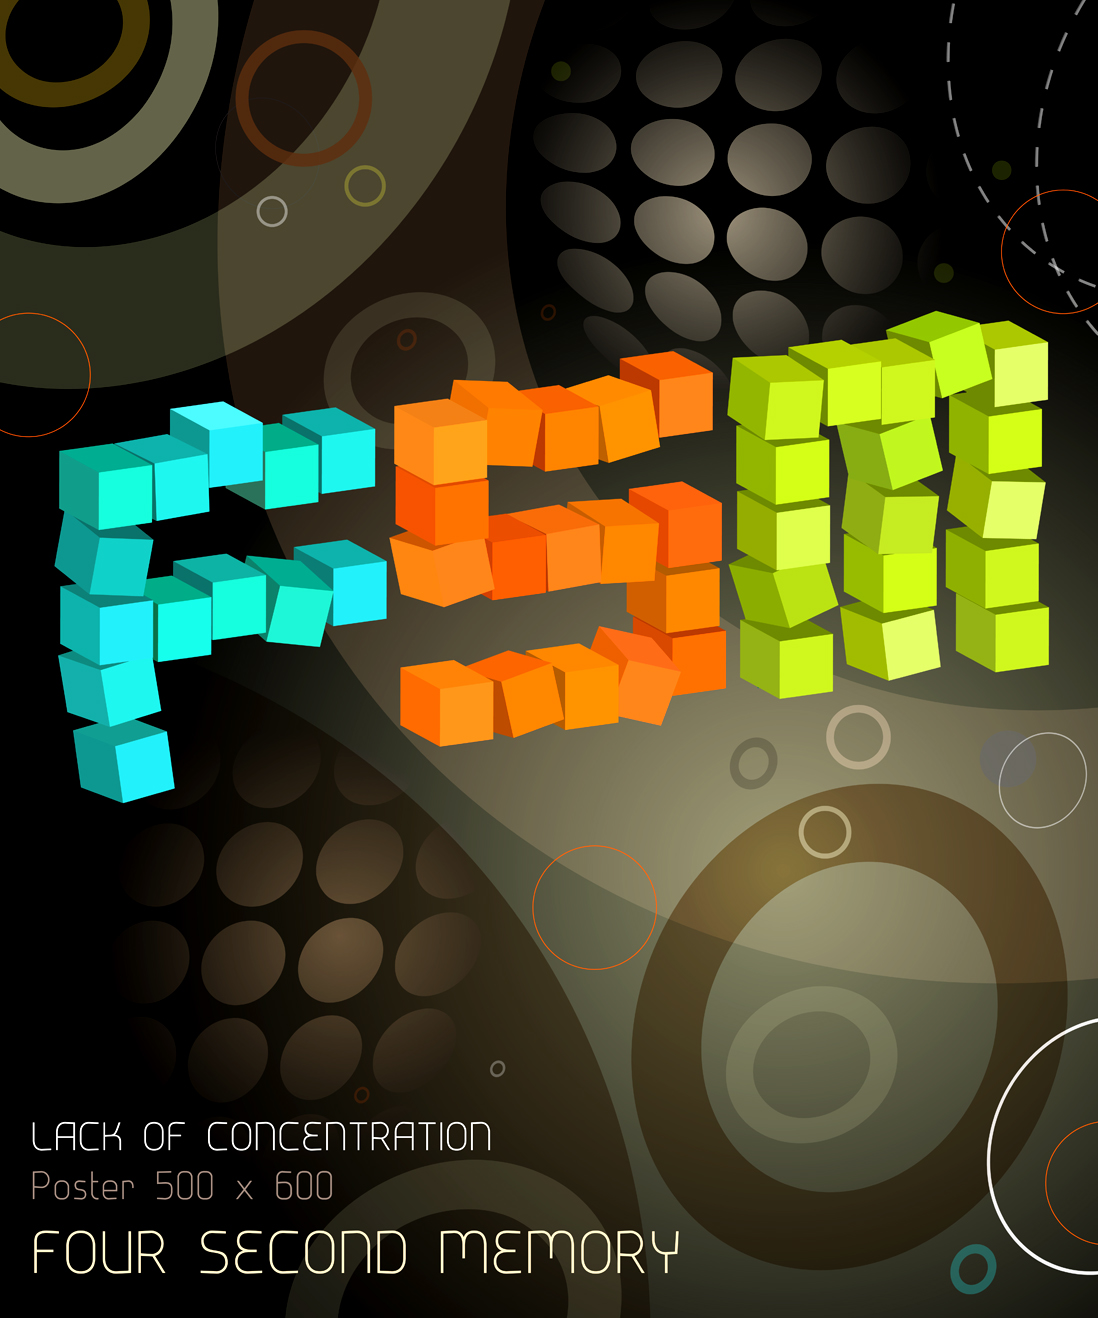 FSM POSTER L of C 500x600 FINAL